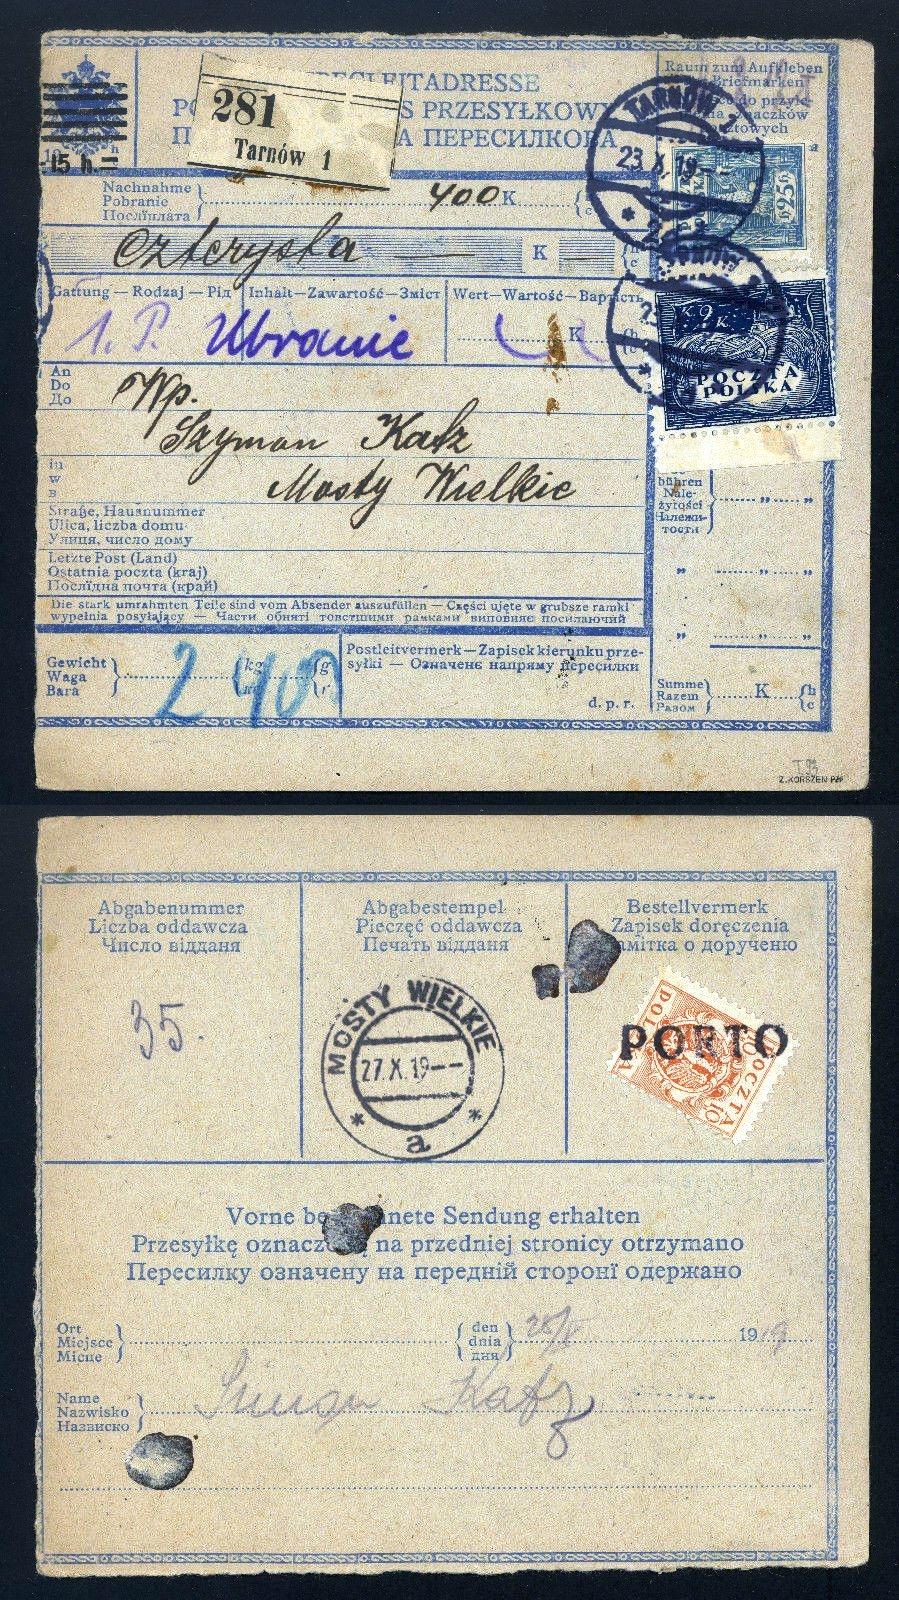 Тарнув - Великі Мости, 1919. Поштовий переказ